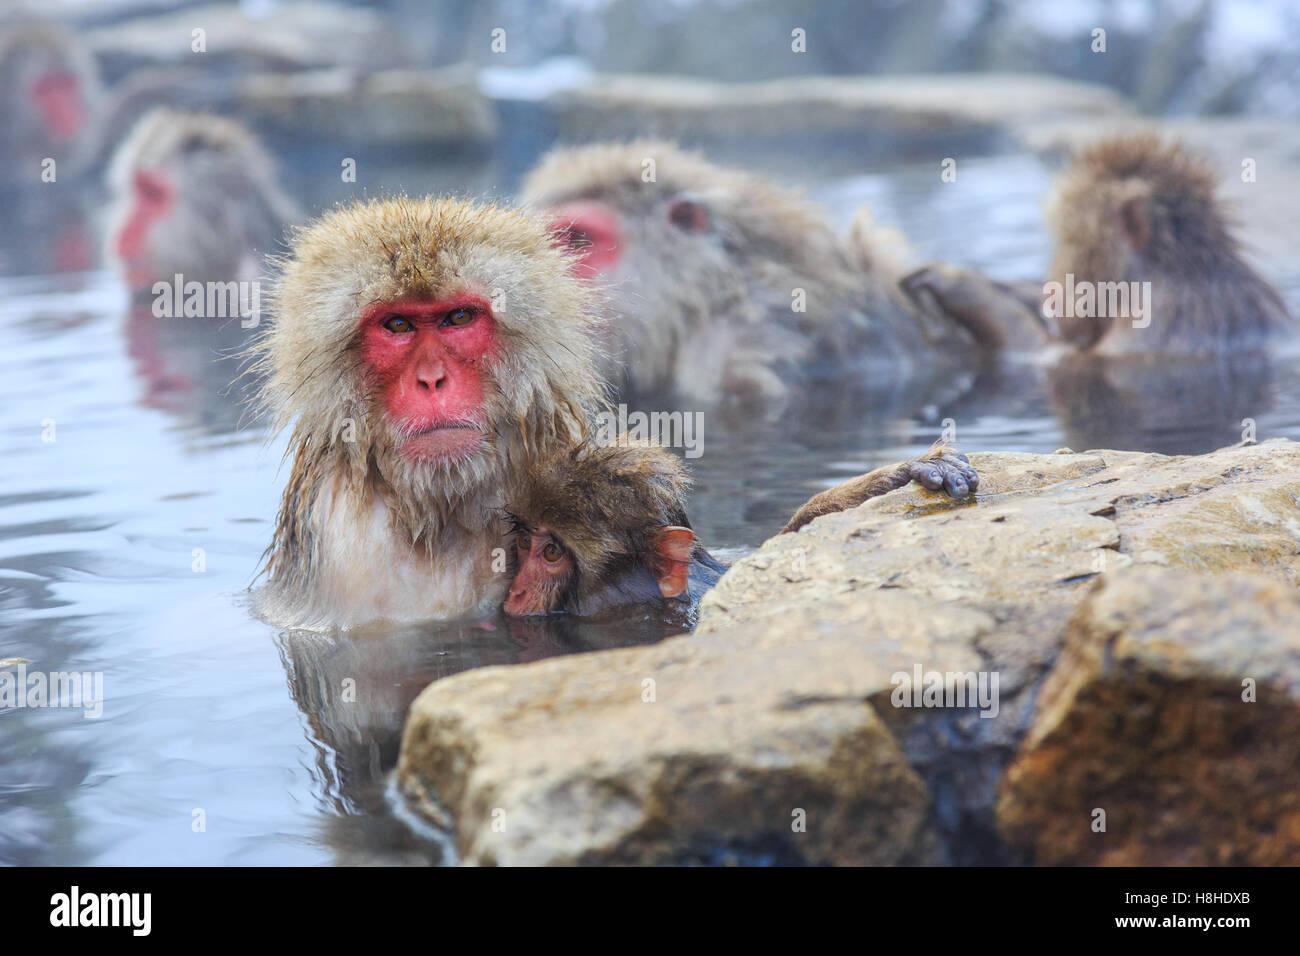 Les singes de la neige naturelle dans un onsen (source chaude), situé dans la région de Jigokudani Park, Photo Stock